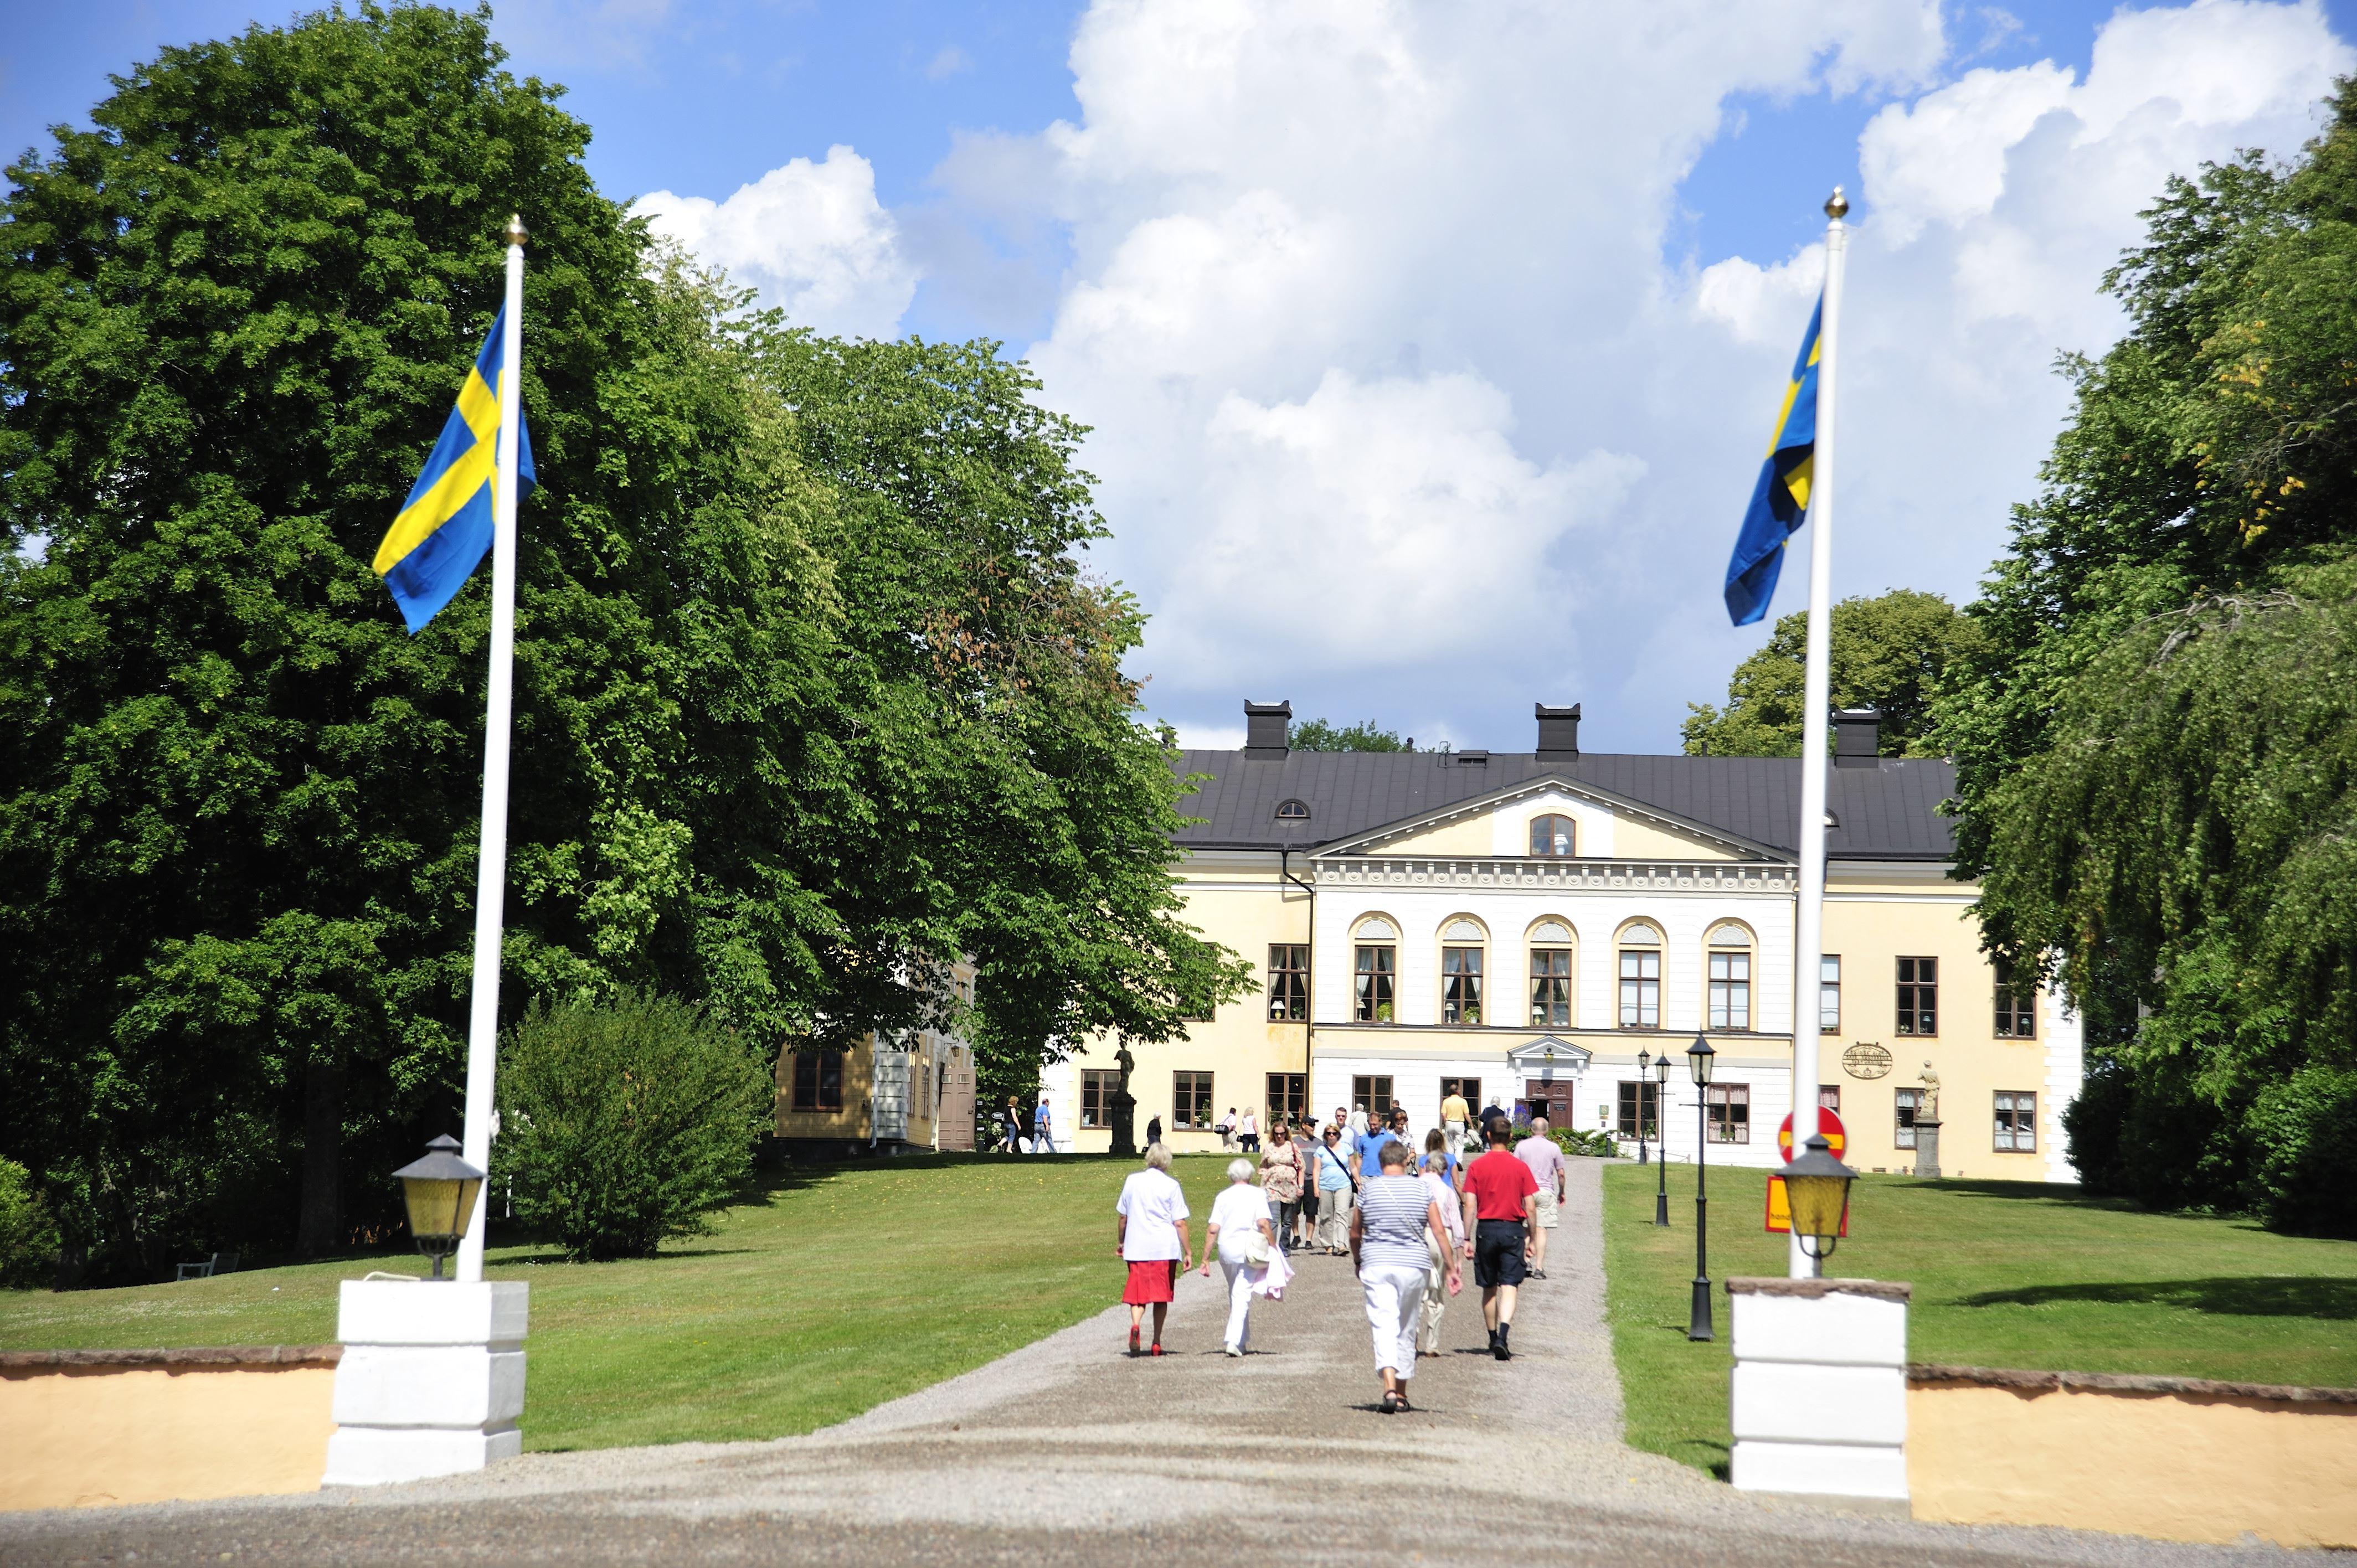 © Järnvägsmuseet, Entrén till Taxinge slott med hissade flaggor och solsken